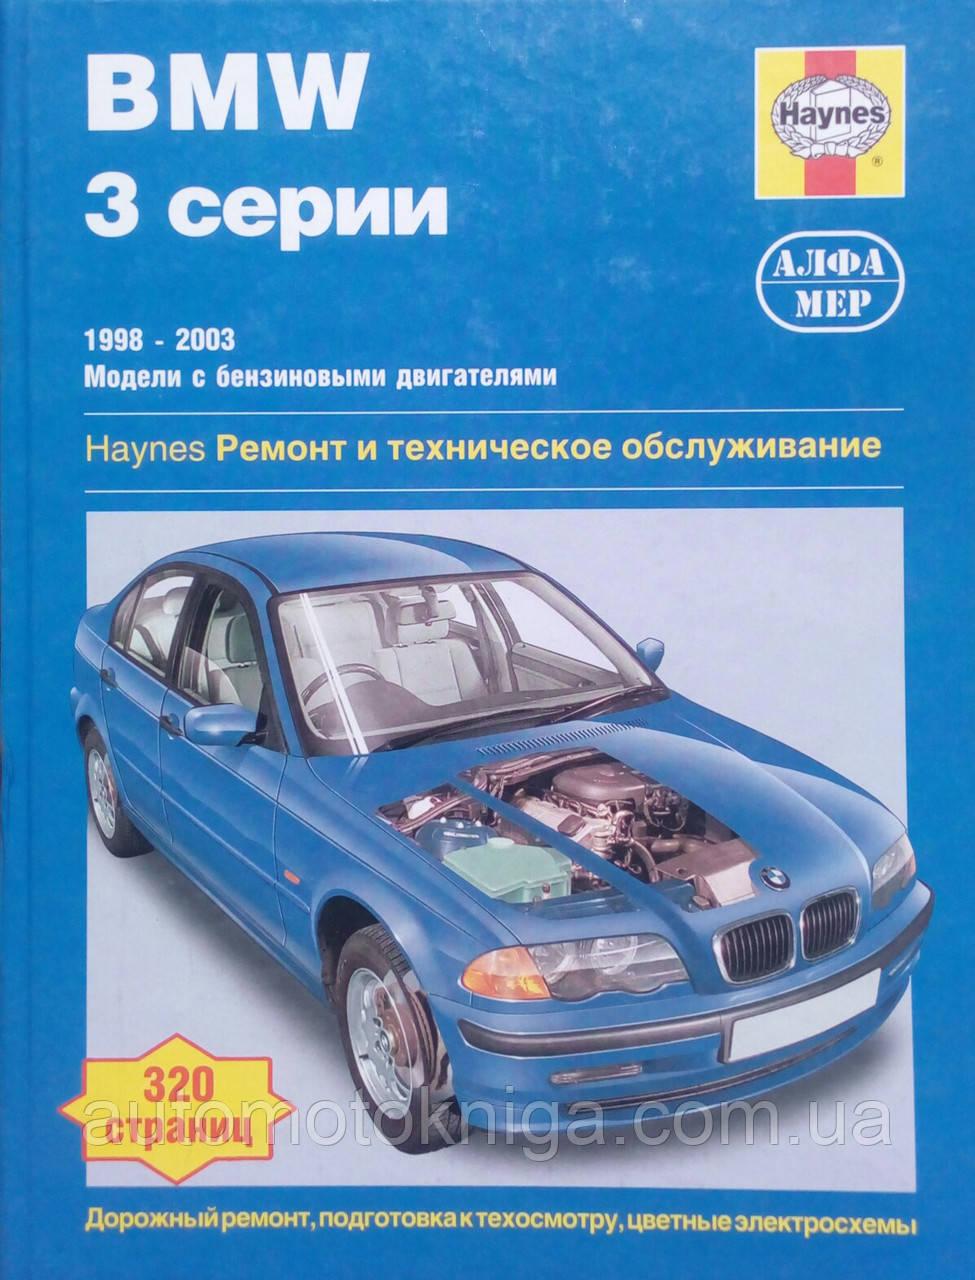 BMW 3 СЕРИИ  Модели 1998-2003 гг.  Бензиновые двигатели Haynes   Ремонт и обслуживание